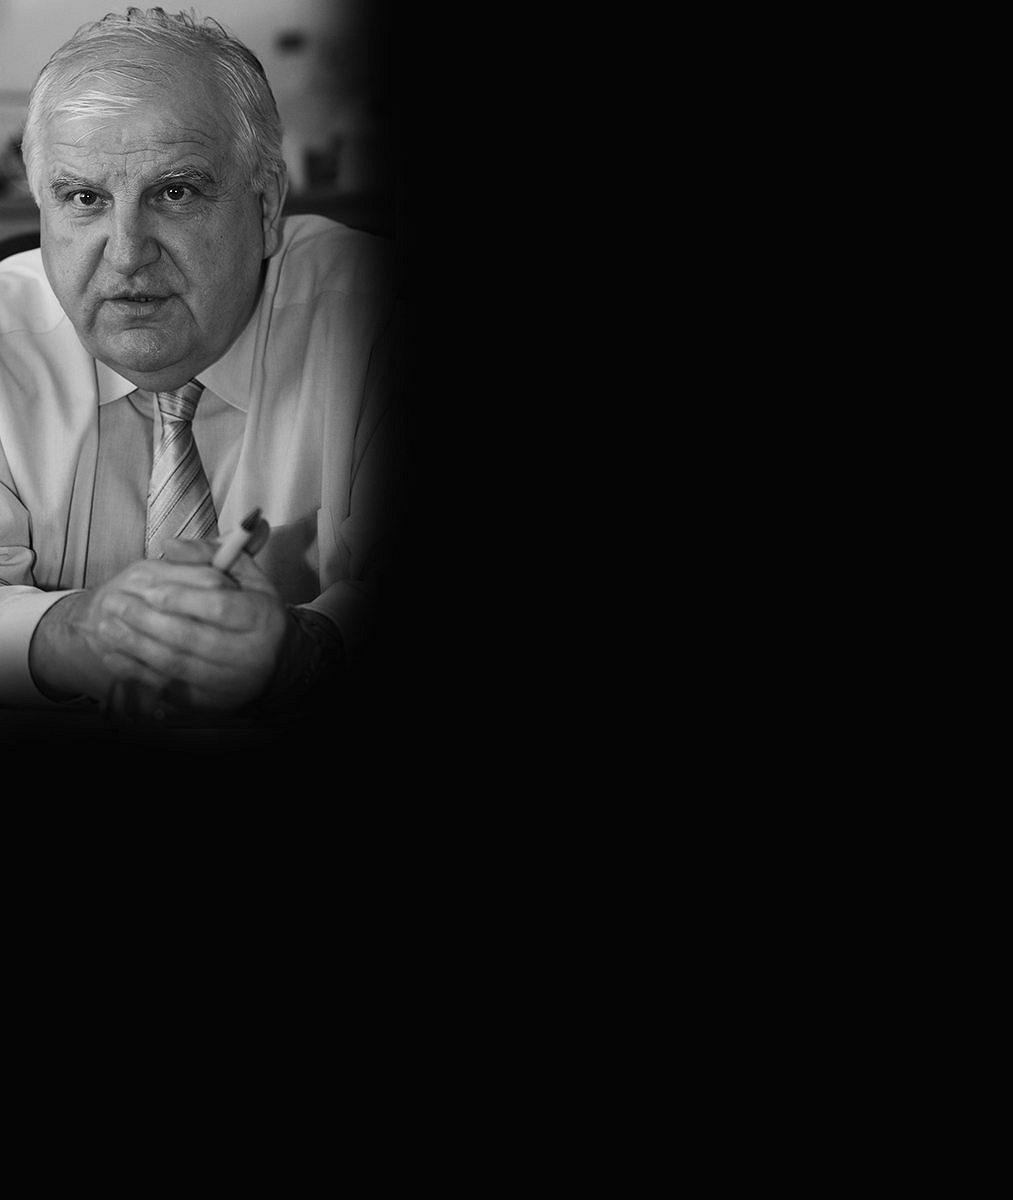 Férový chlap ikamarád: Smrt moderátorské legendy Otakara Černého (✝77) zarmoutila Bernatského iZárubu